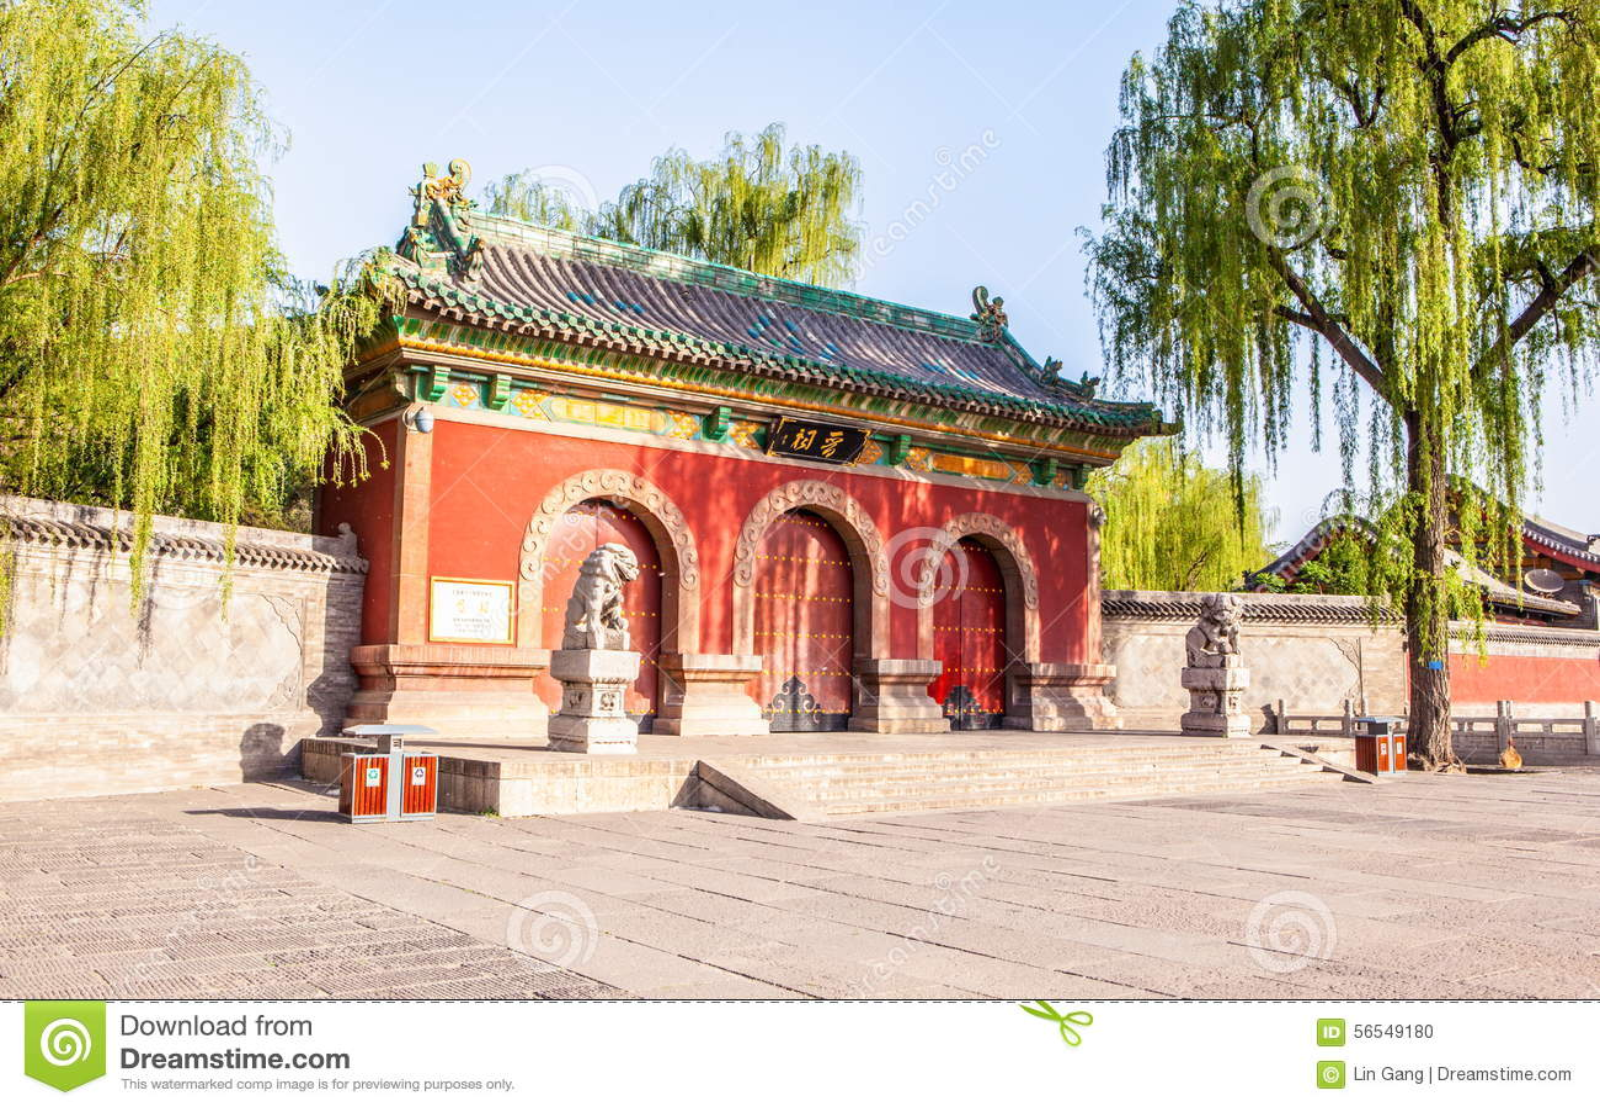 La voie de base du temple commémoratif de Jinci (musée)